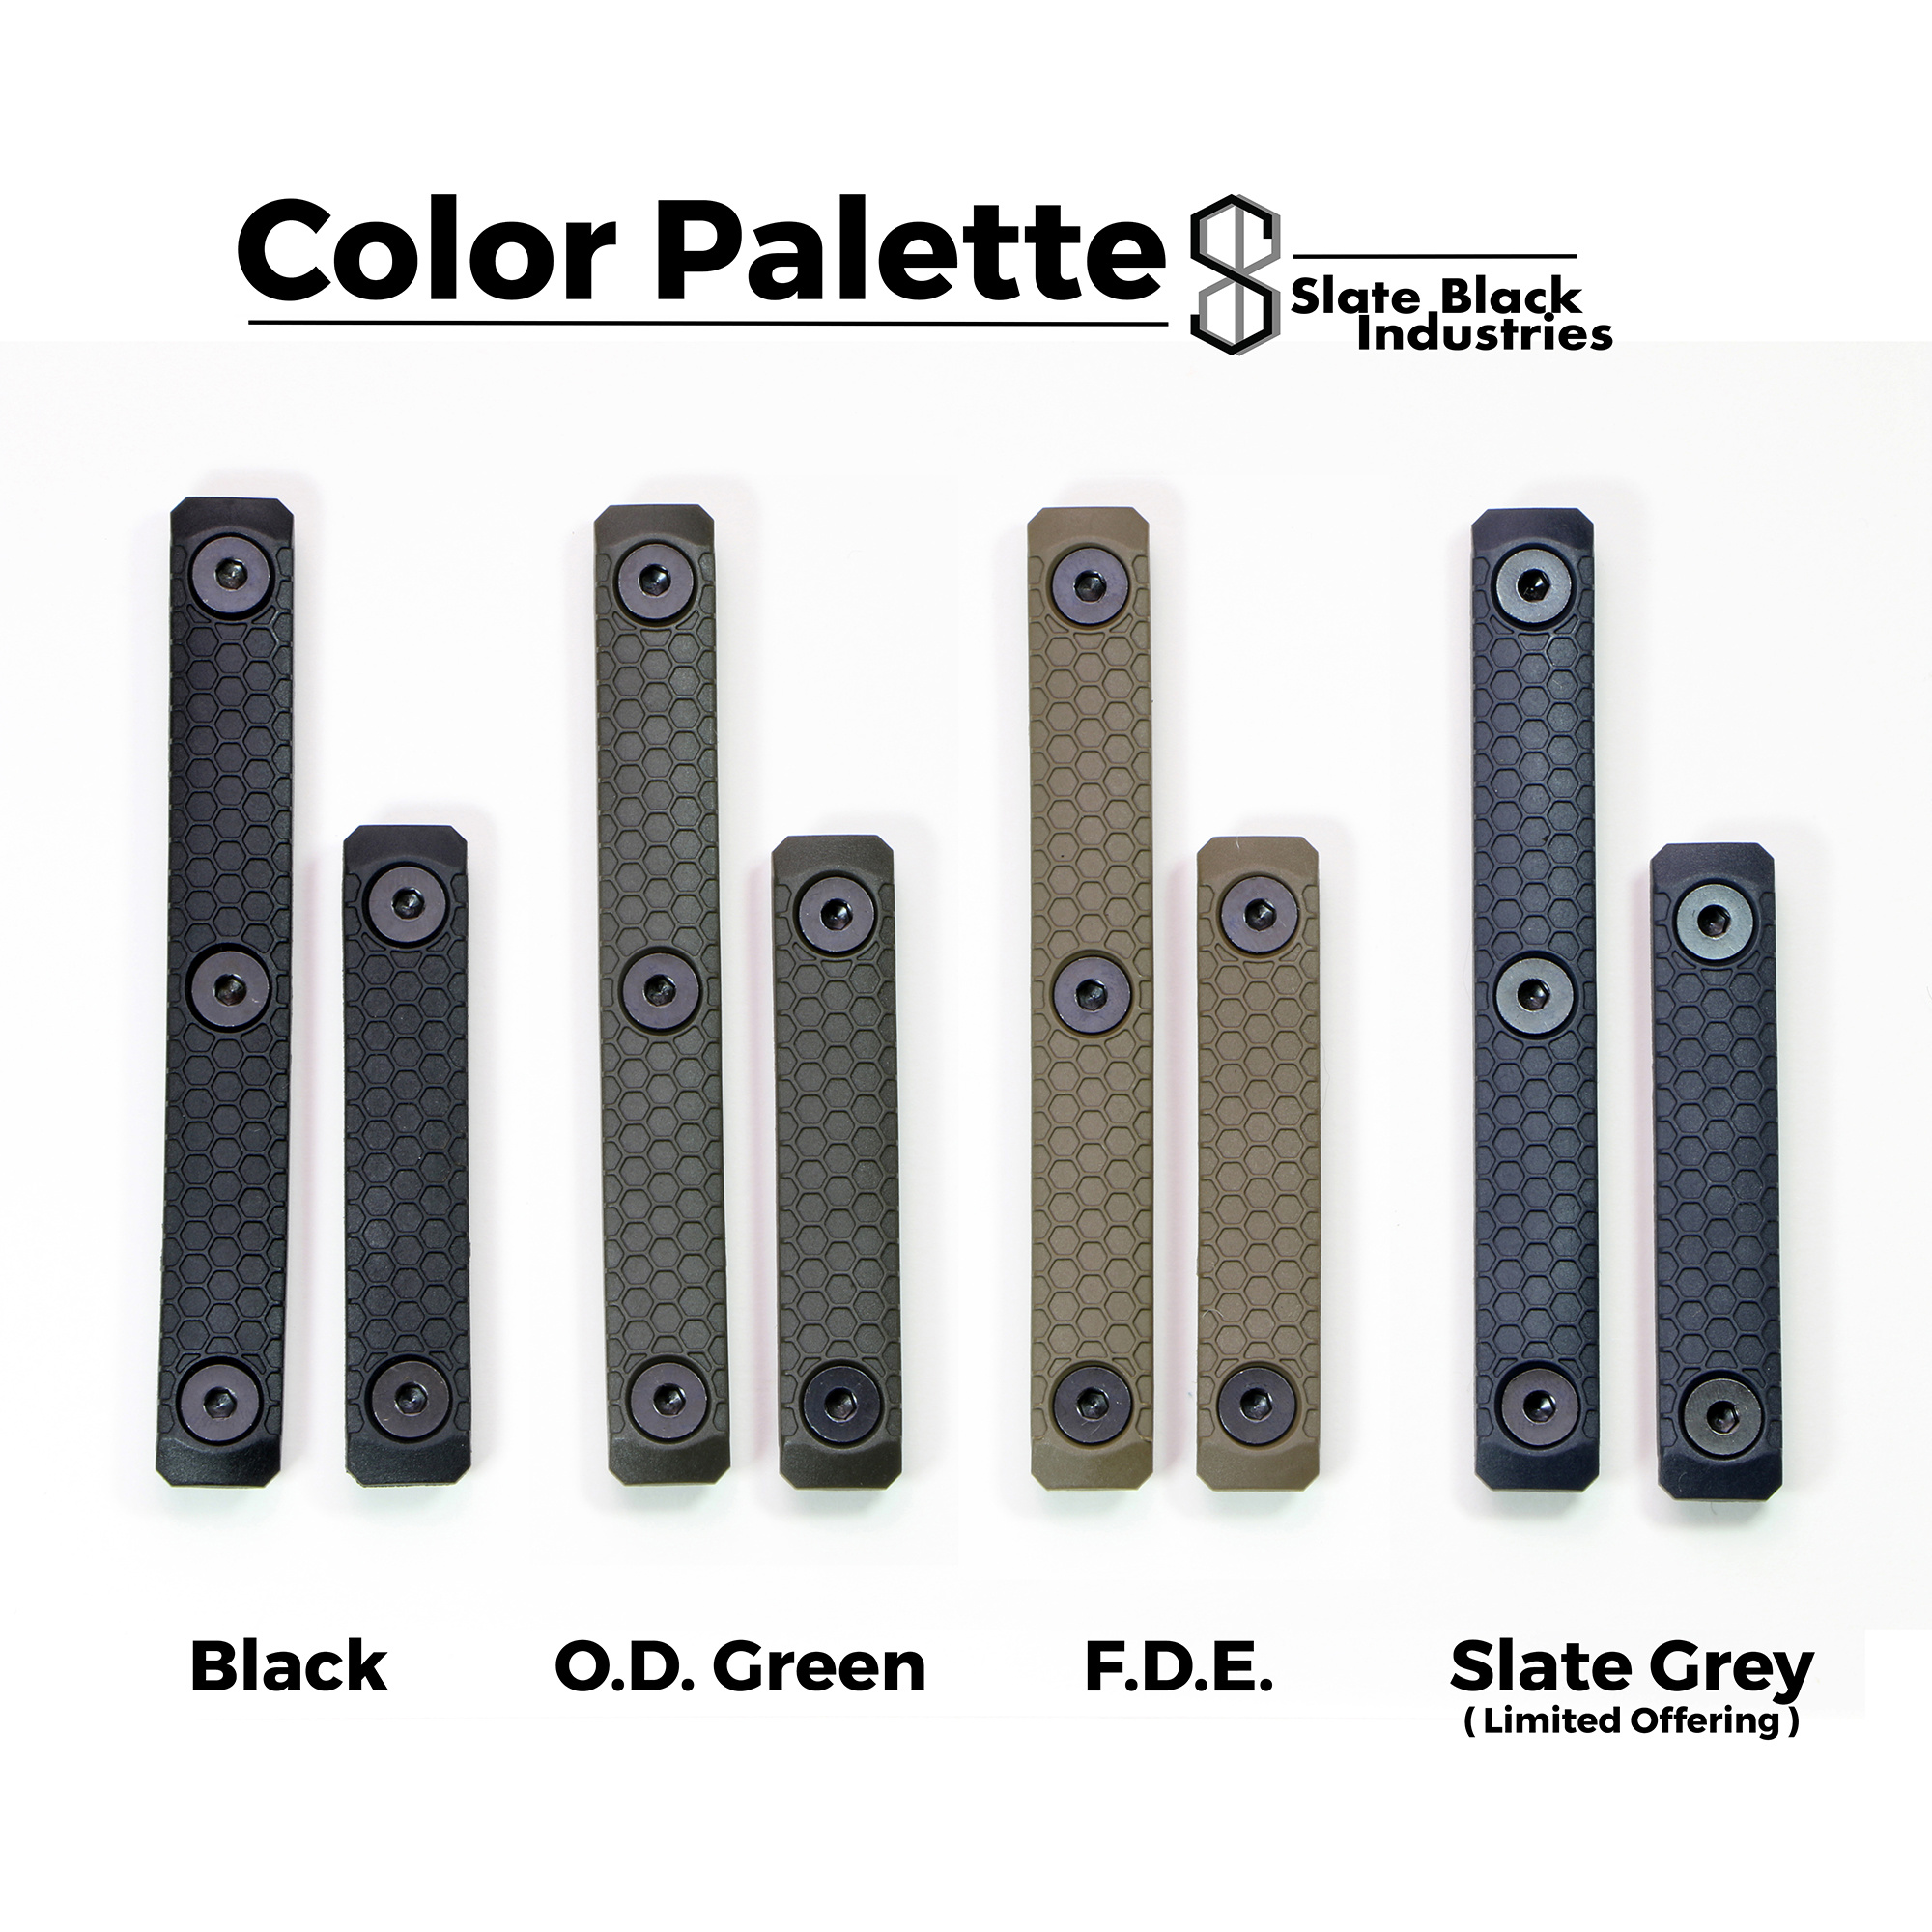 Slate Black Industries Slate Panels, 2-slot (Commercial 3-pack)